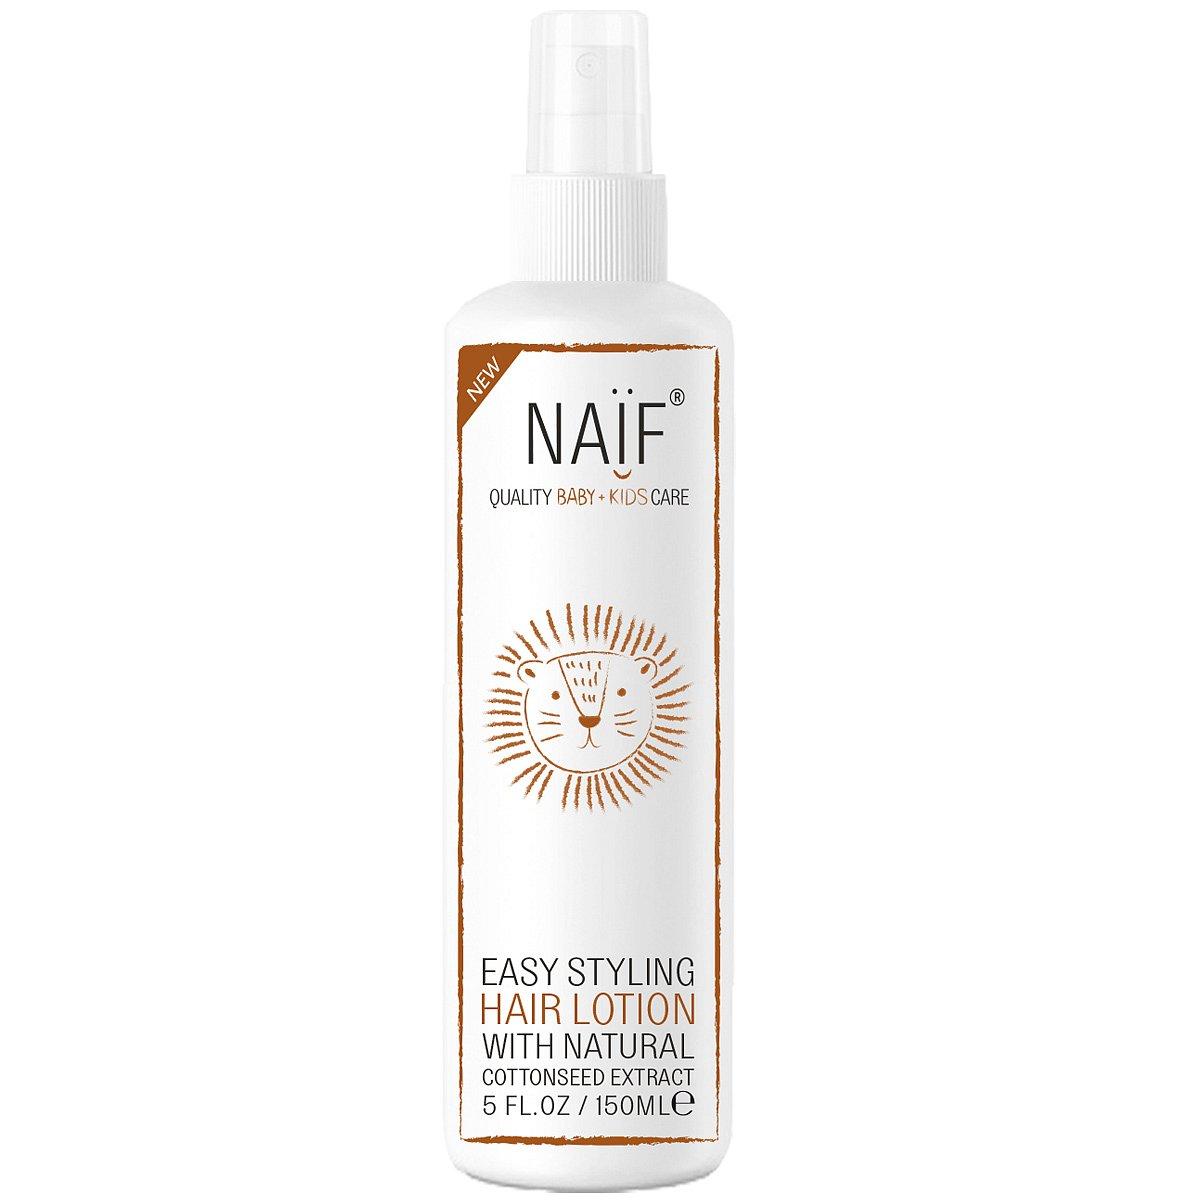 Naïf Hair Lotion pro výživu vlasů a snadné rozčesávání 150ml